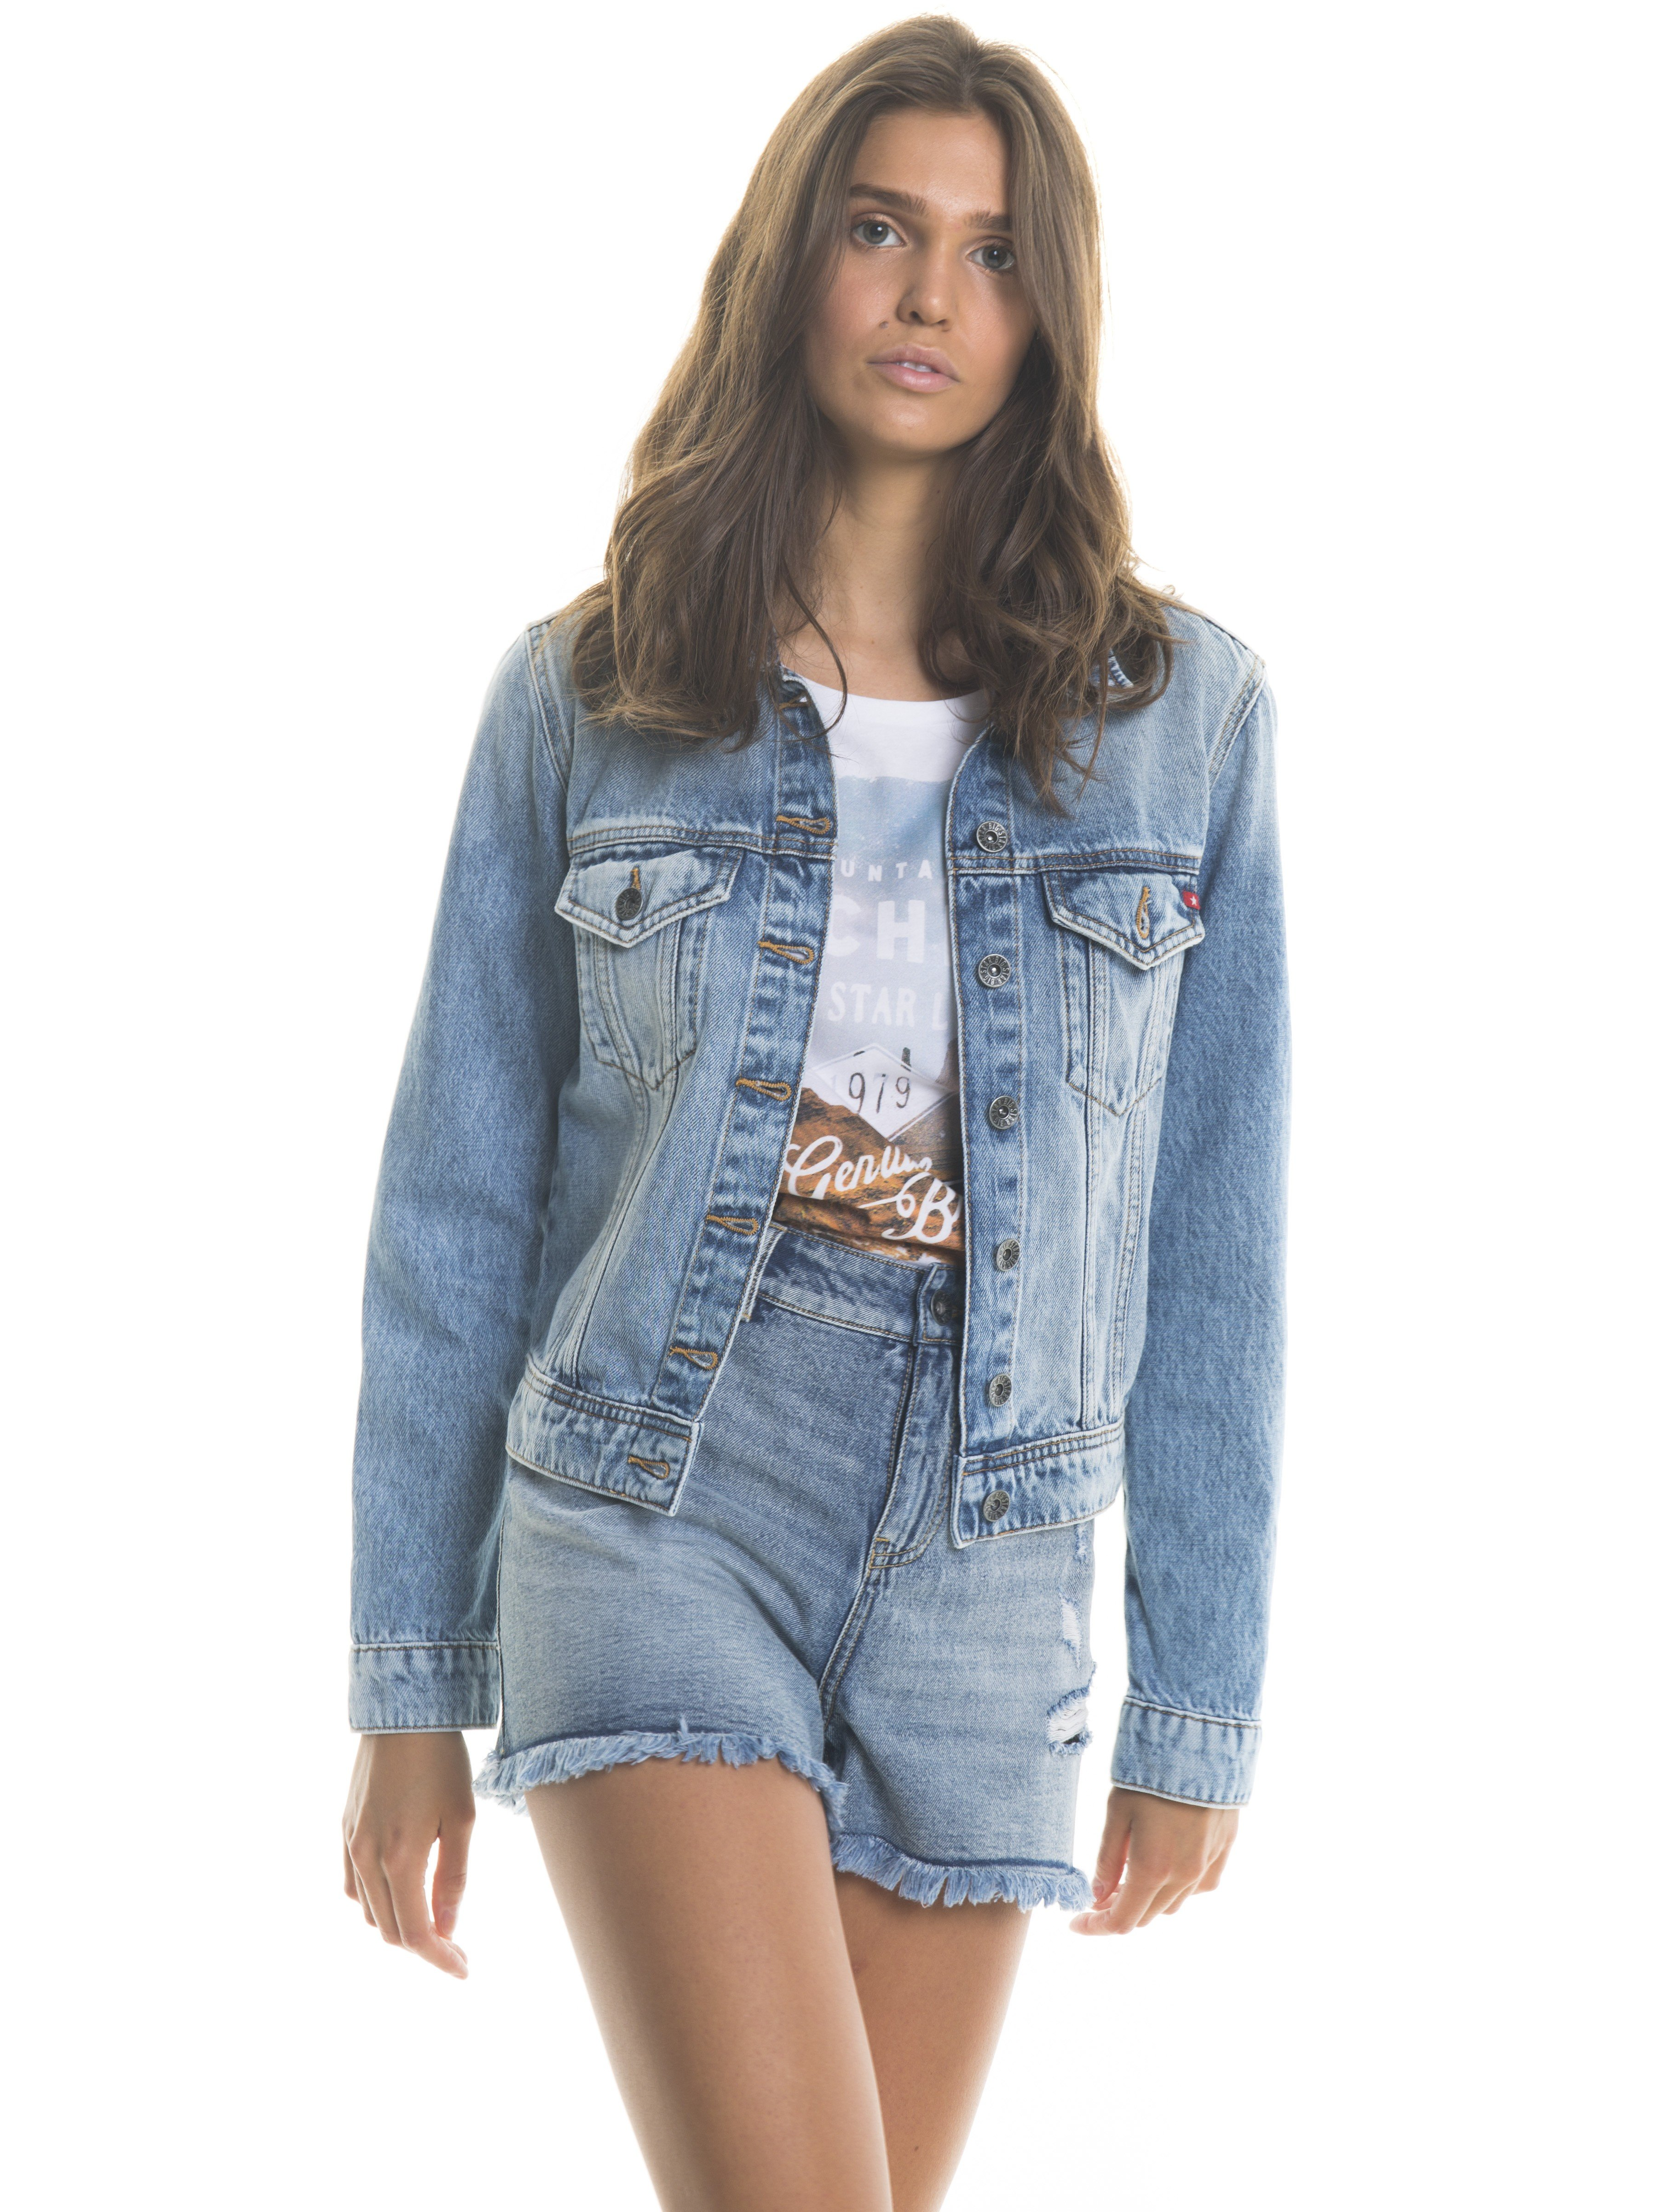 Kurtki jeansowe damskie big star Kurtki damskie jeansowe